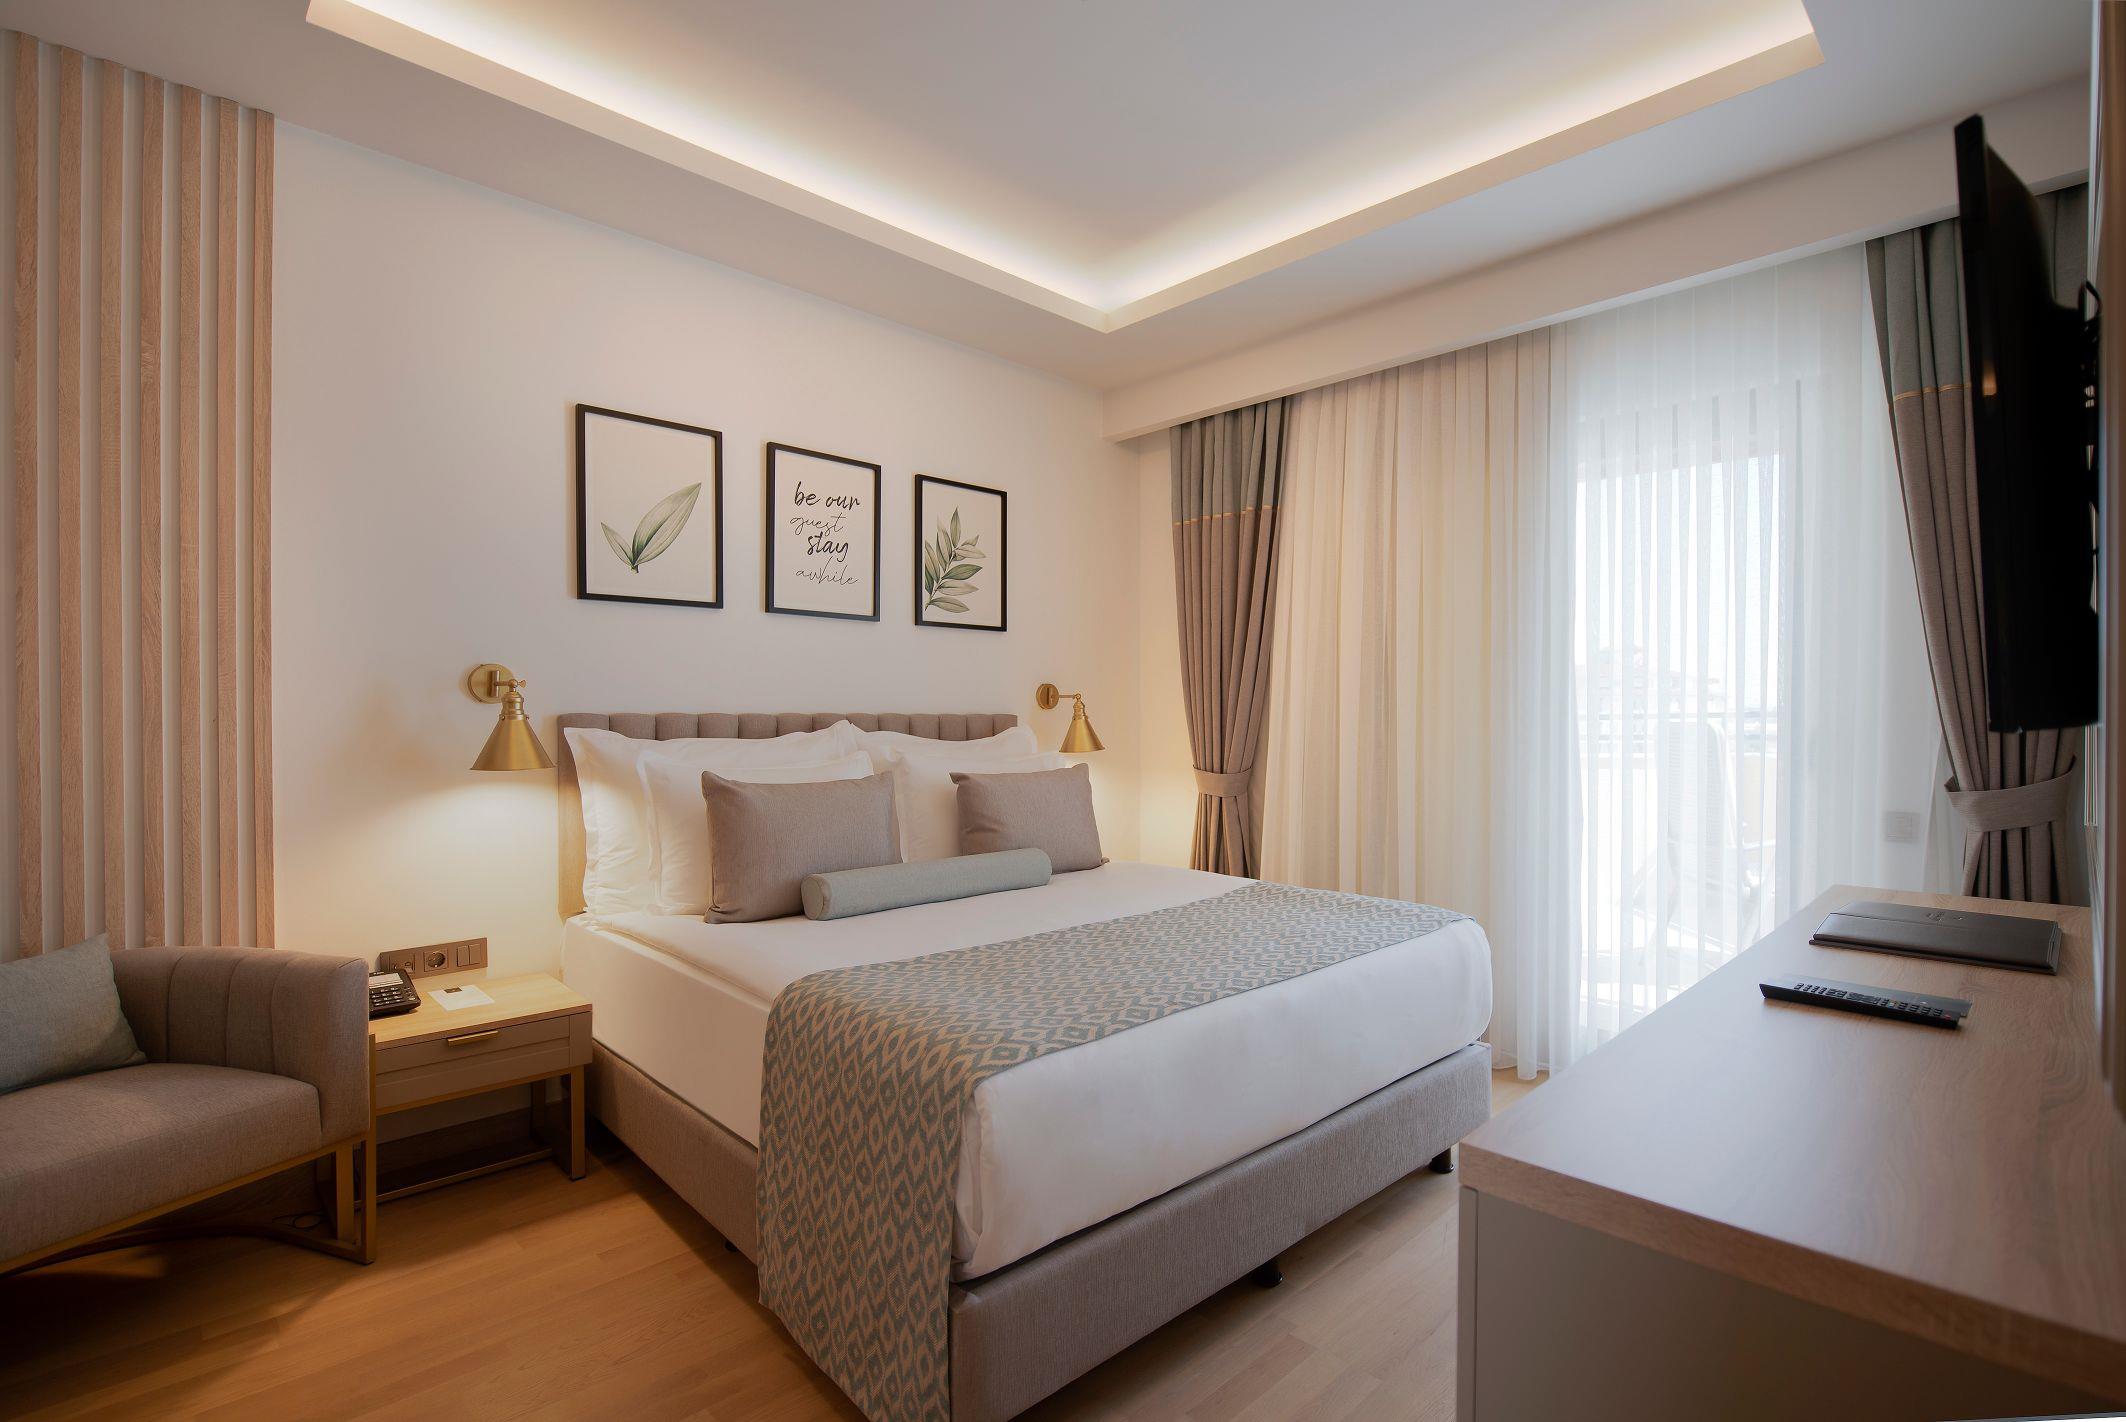 http://www.orextravel.sk/OREX/hotelphotos/miramare-queen-hotel-general-0042.jpg